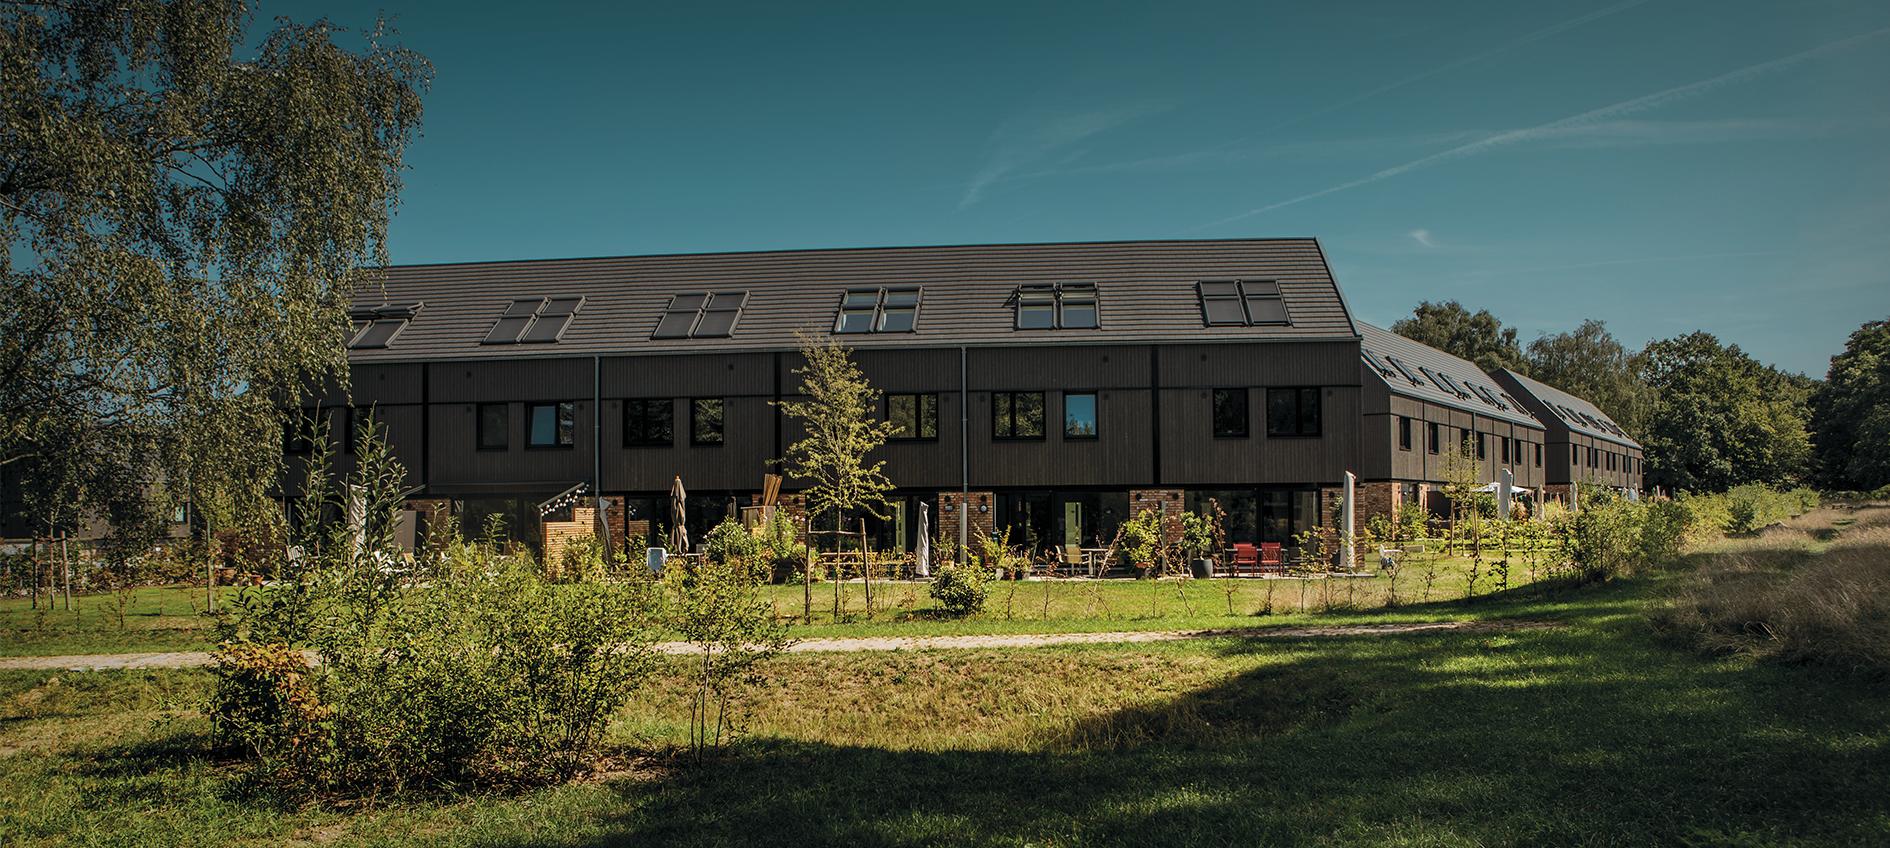 303_Klimamodellquartier_Sülldorf